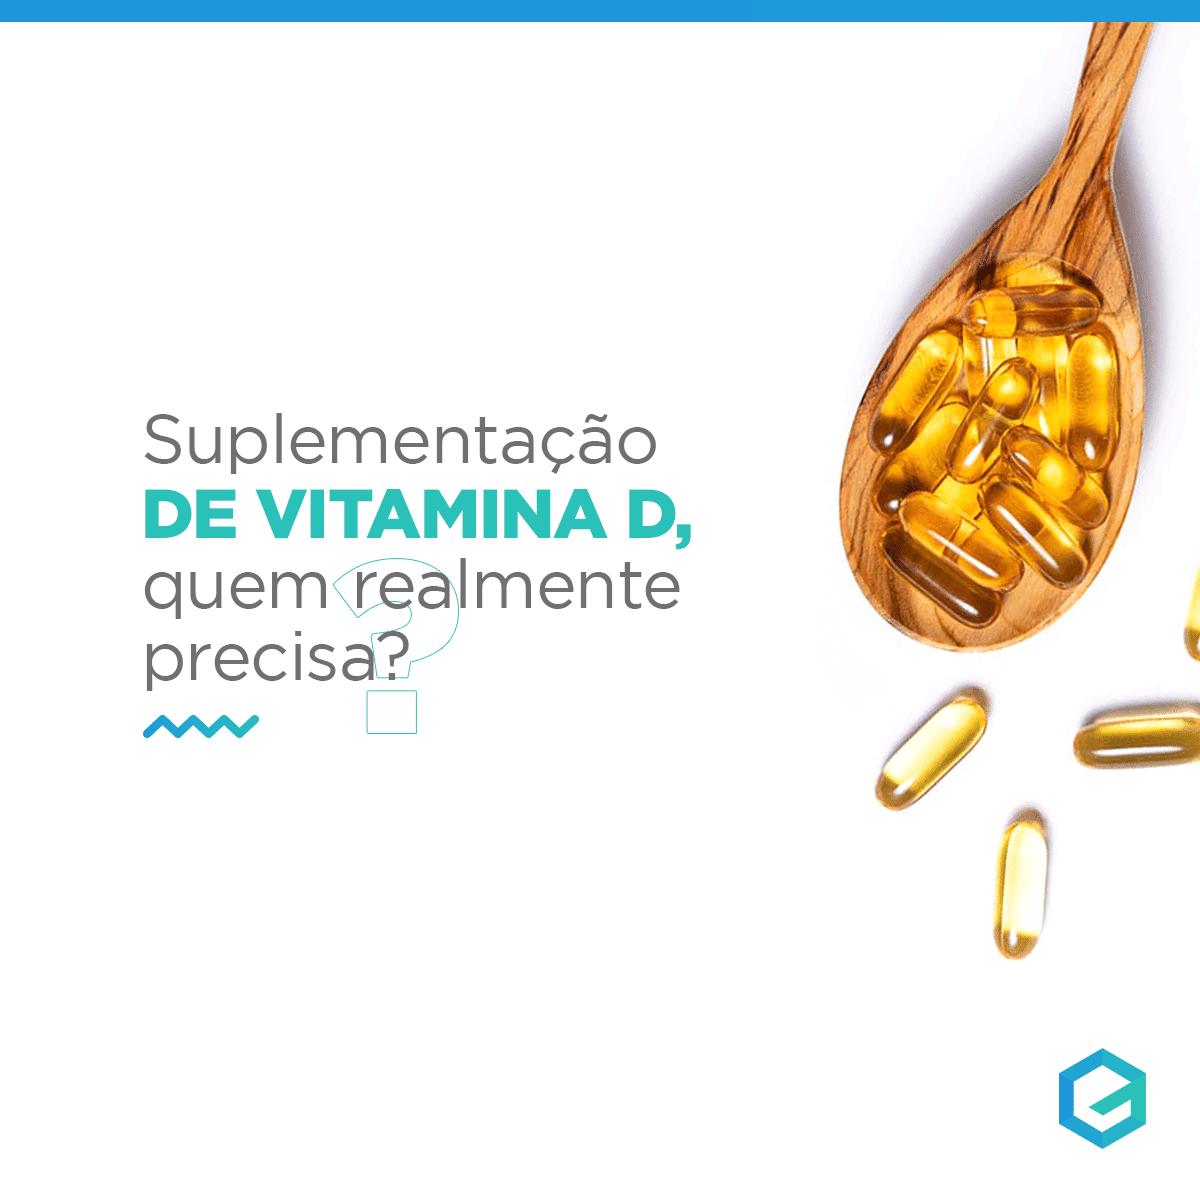 suplementação de vitamina D